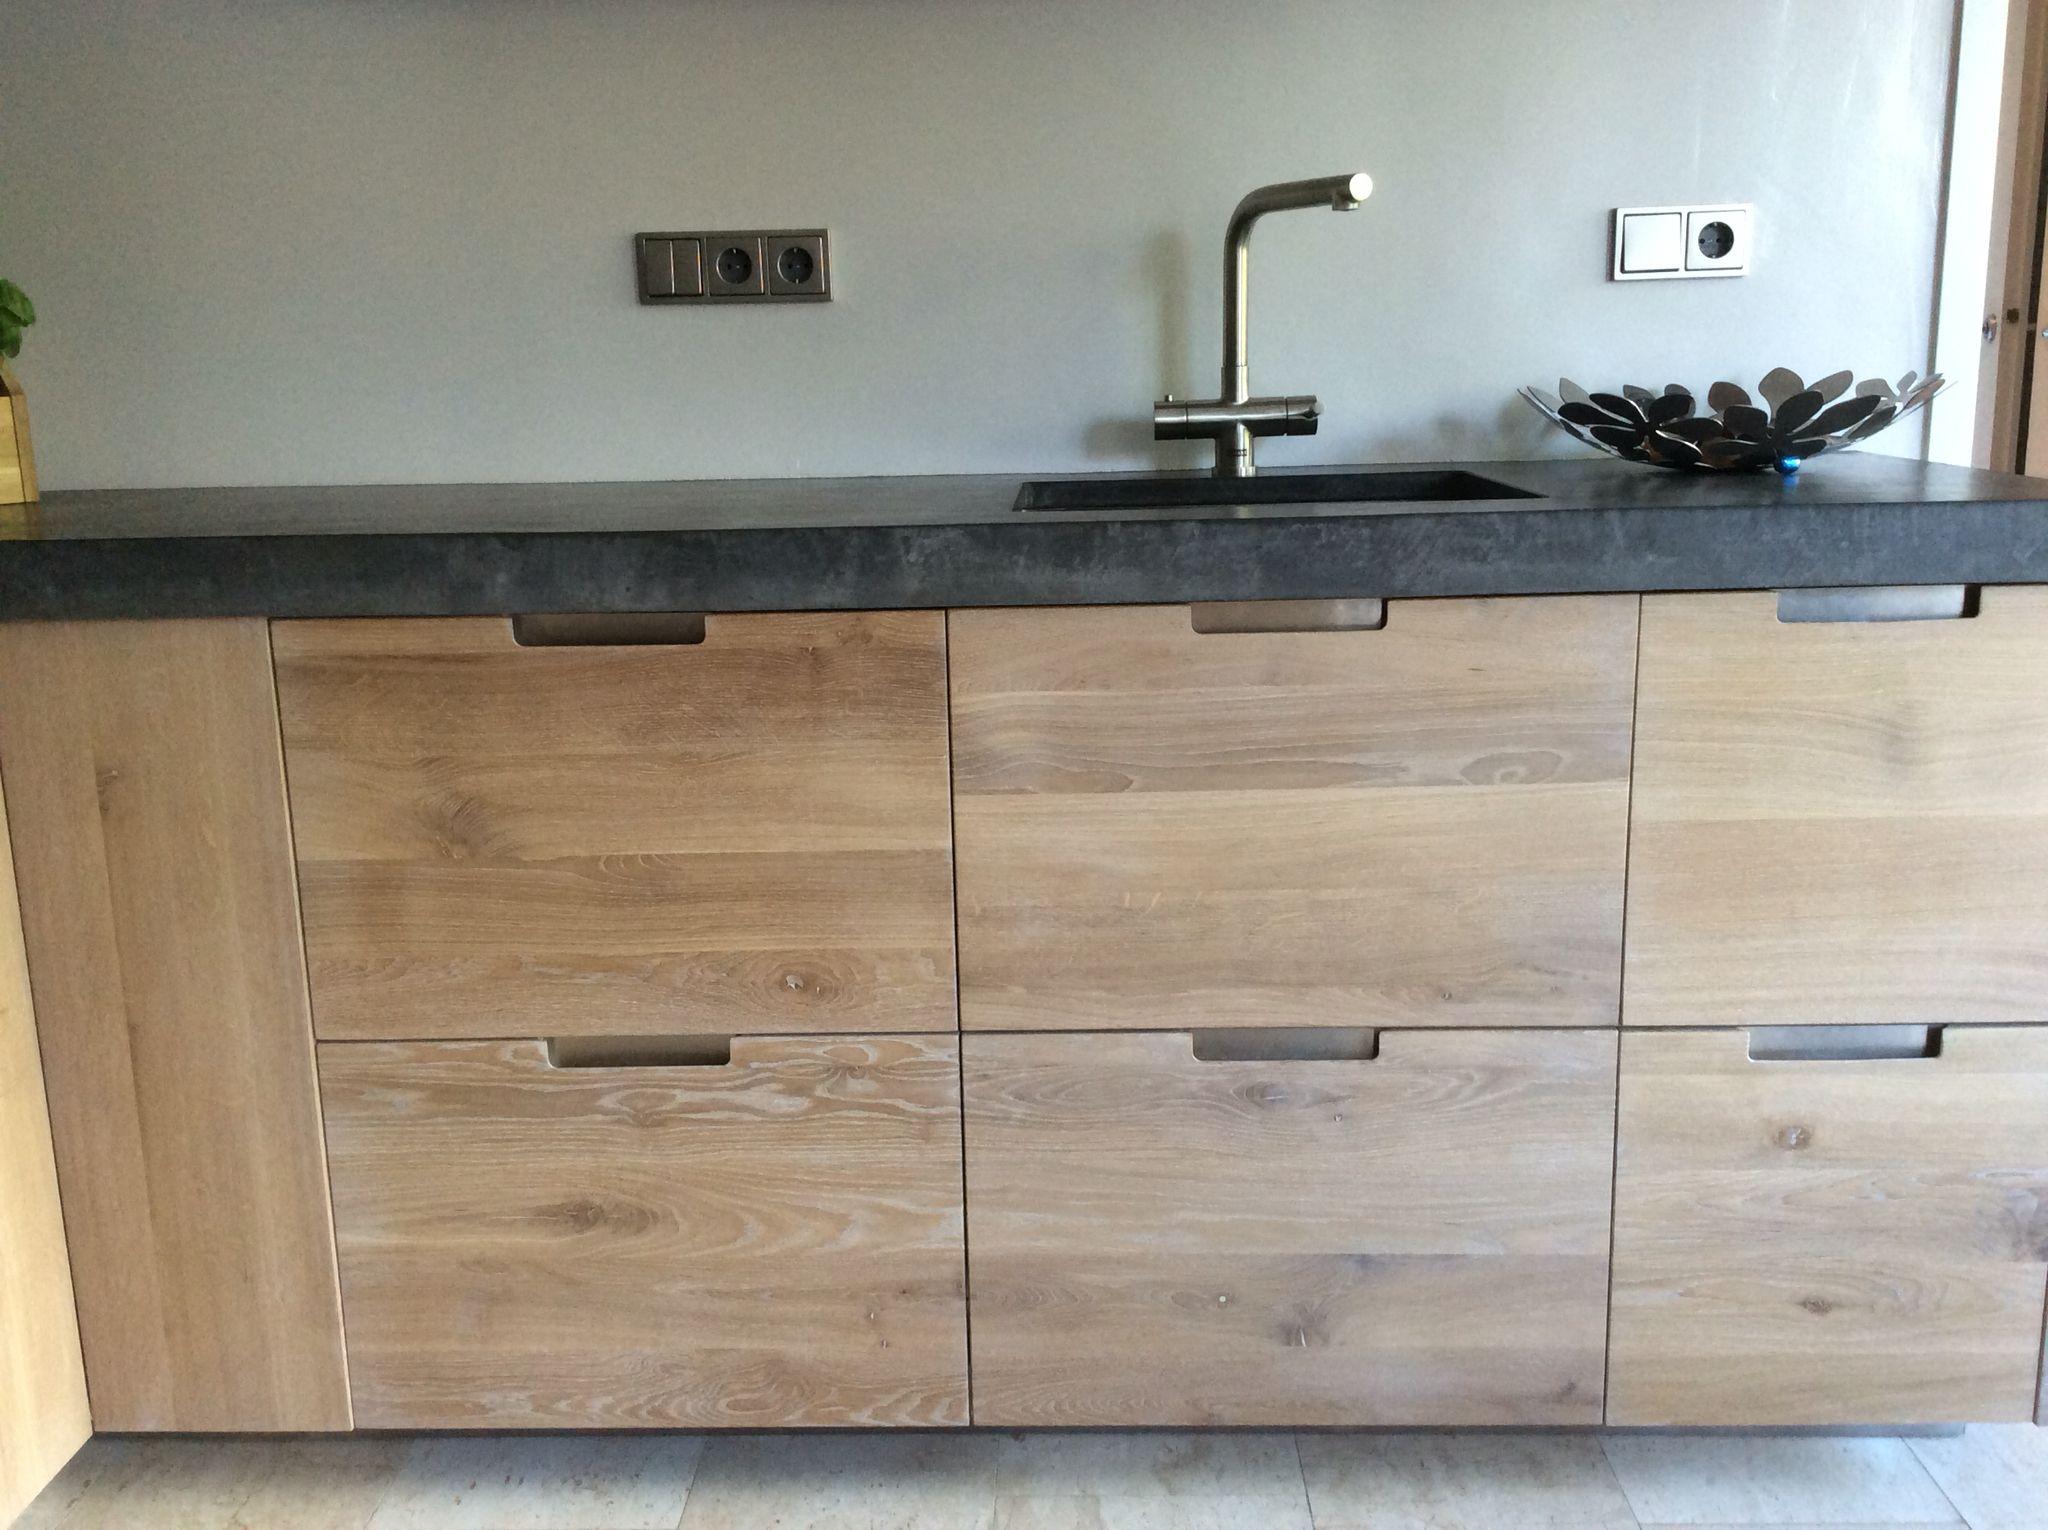 Ideas Industriele Keuken : Industrieel houten keuken koak design greeploos houten keuken in